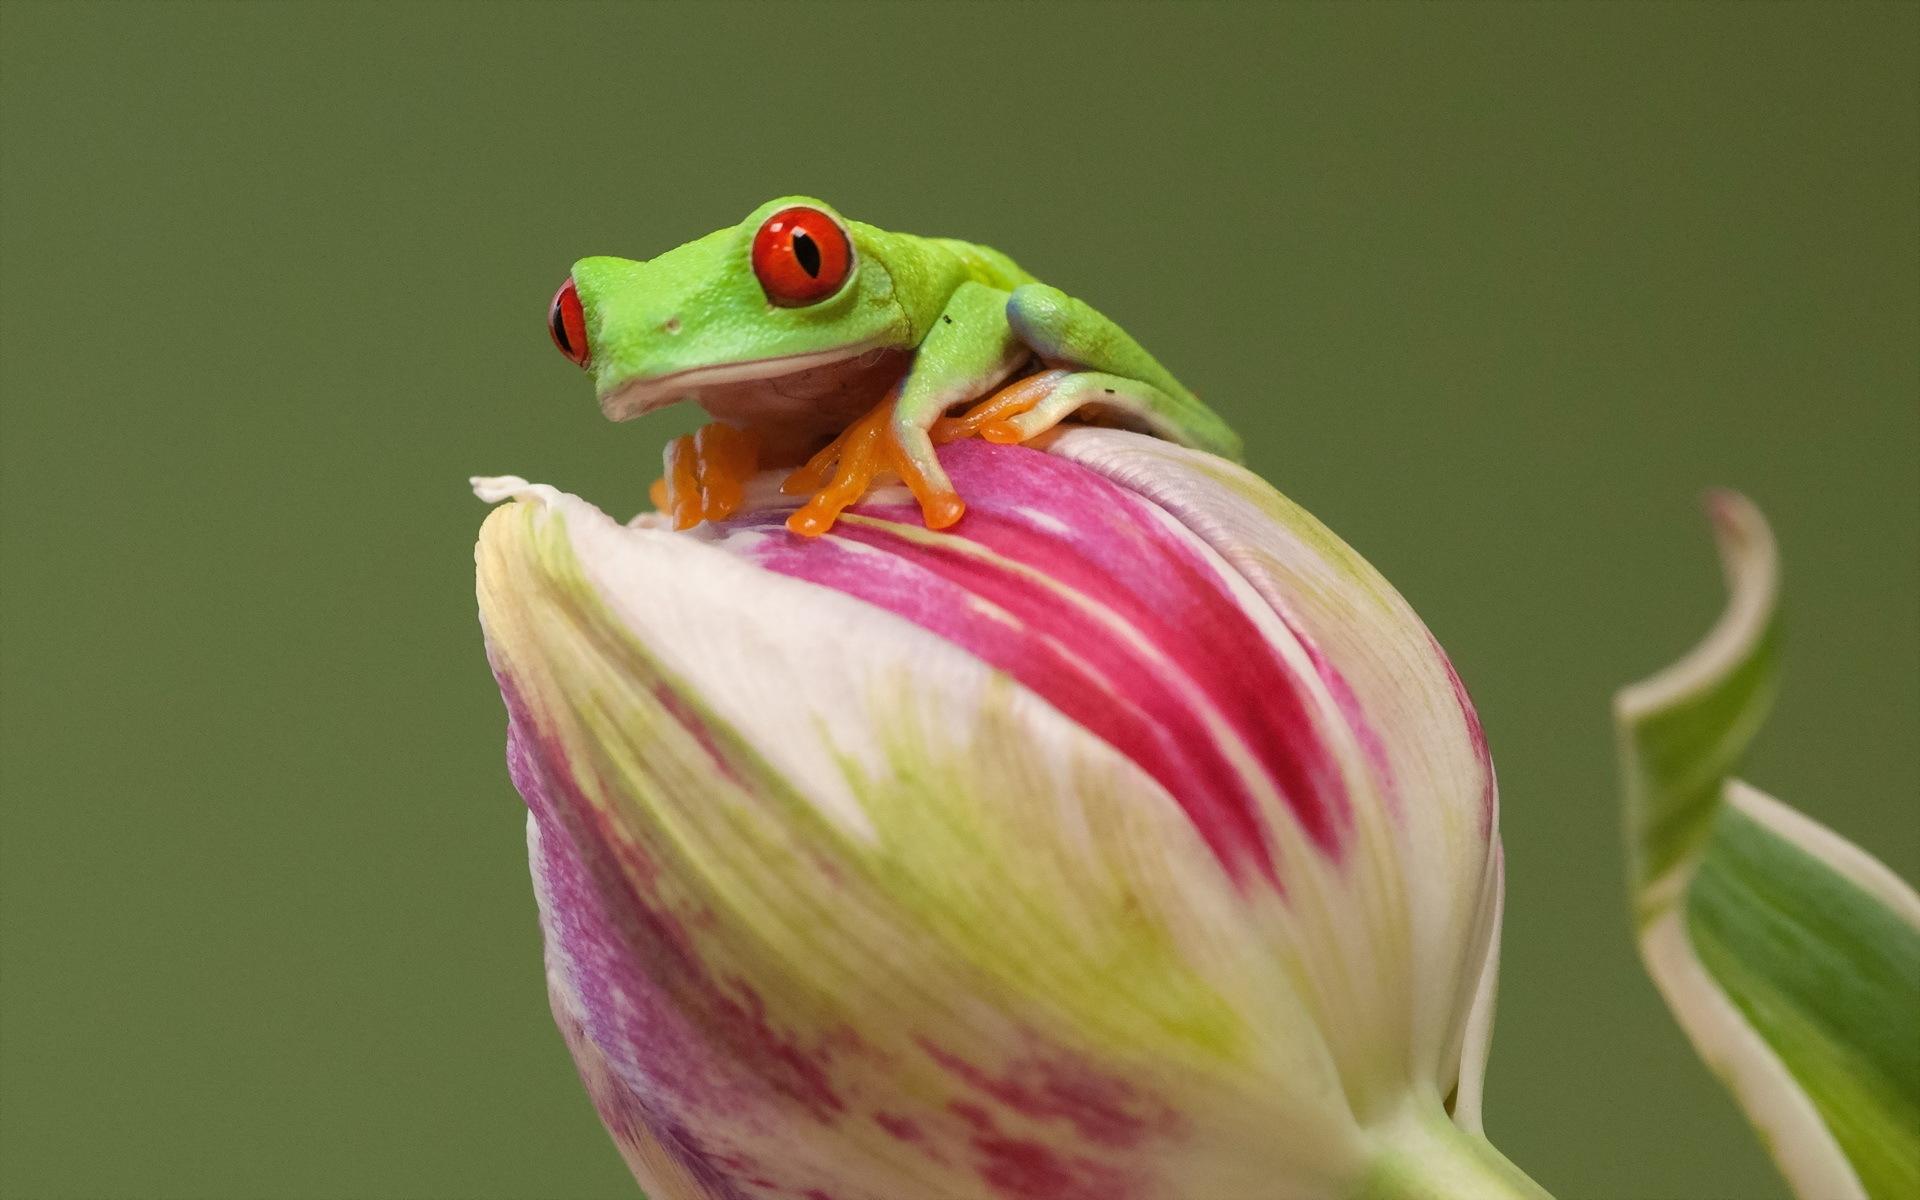 природа цветы животное лягушка  № 3068589 без смс